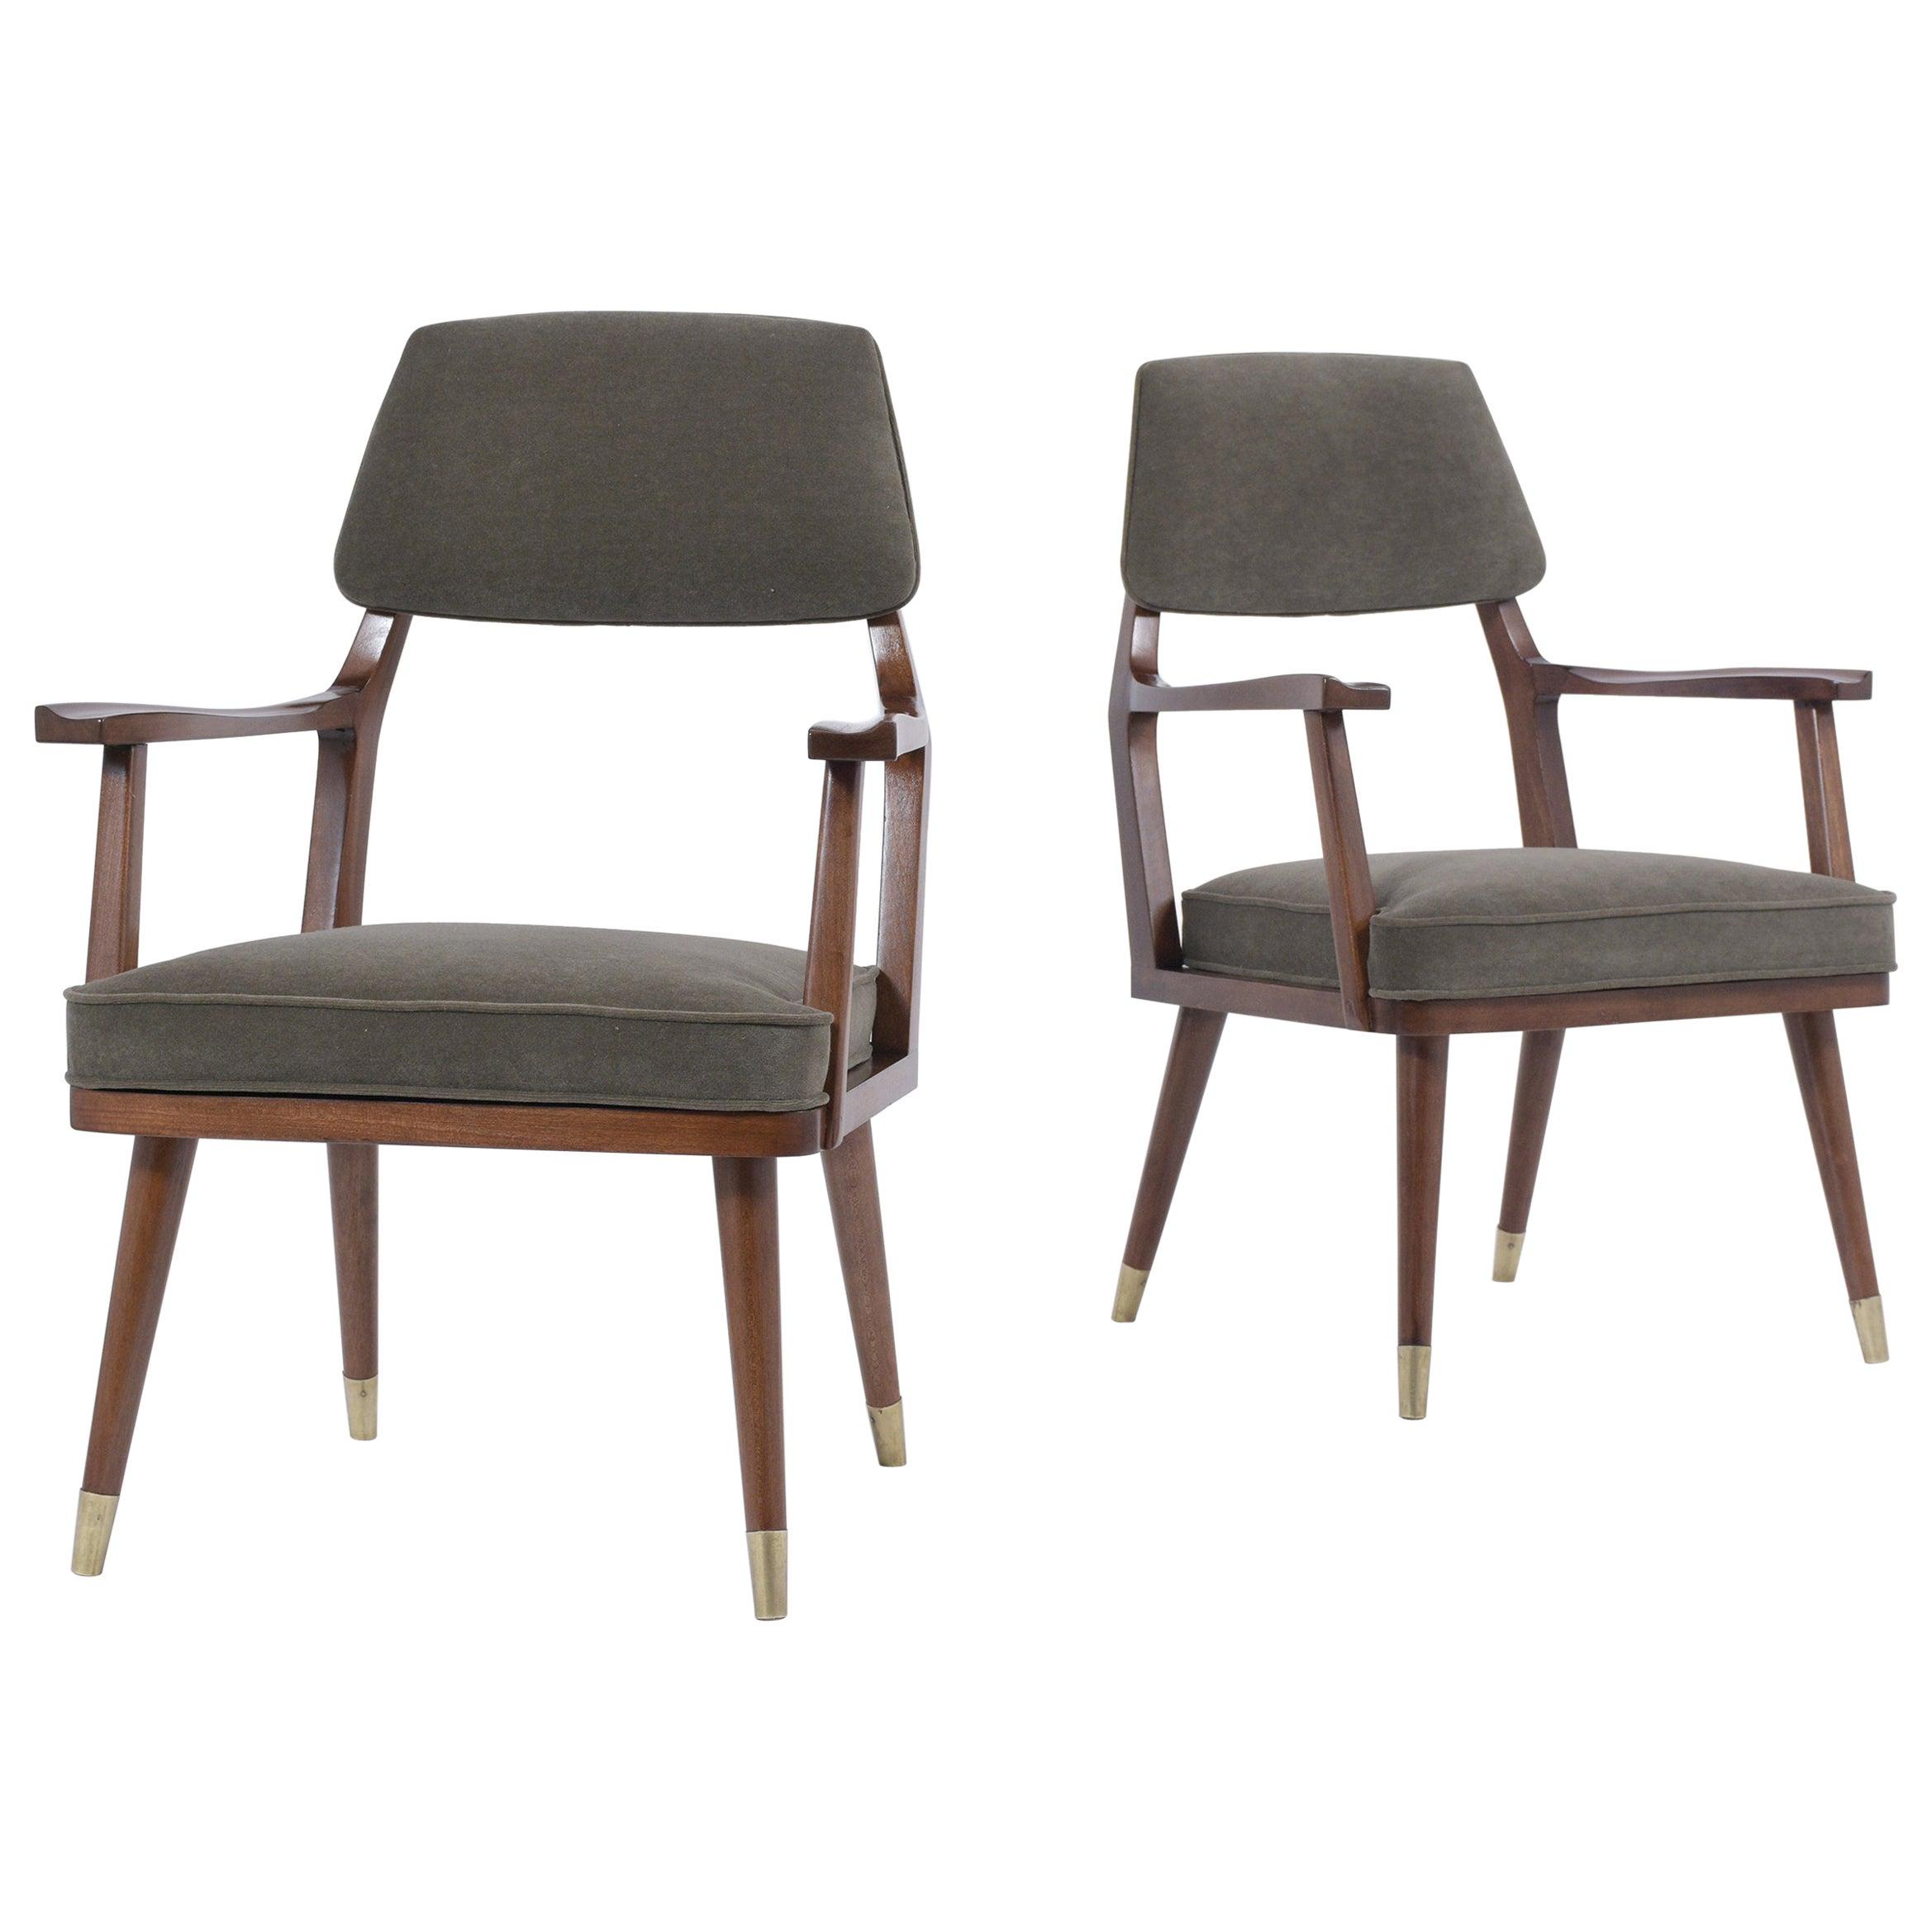 Pair of 1960's Mid-Century Modern Walnut Armchairs